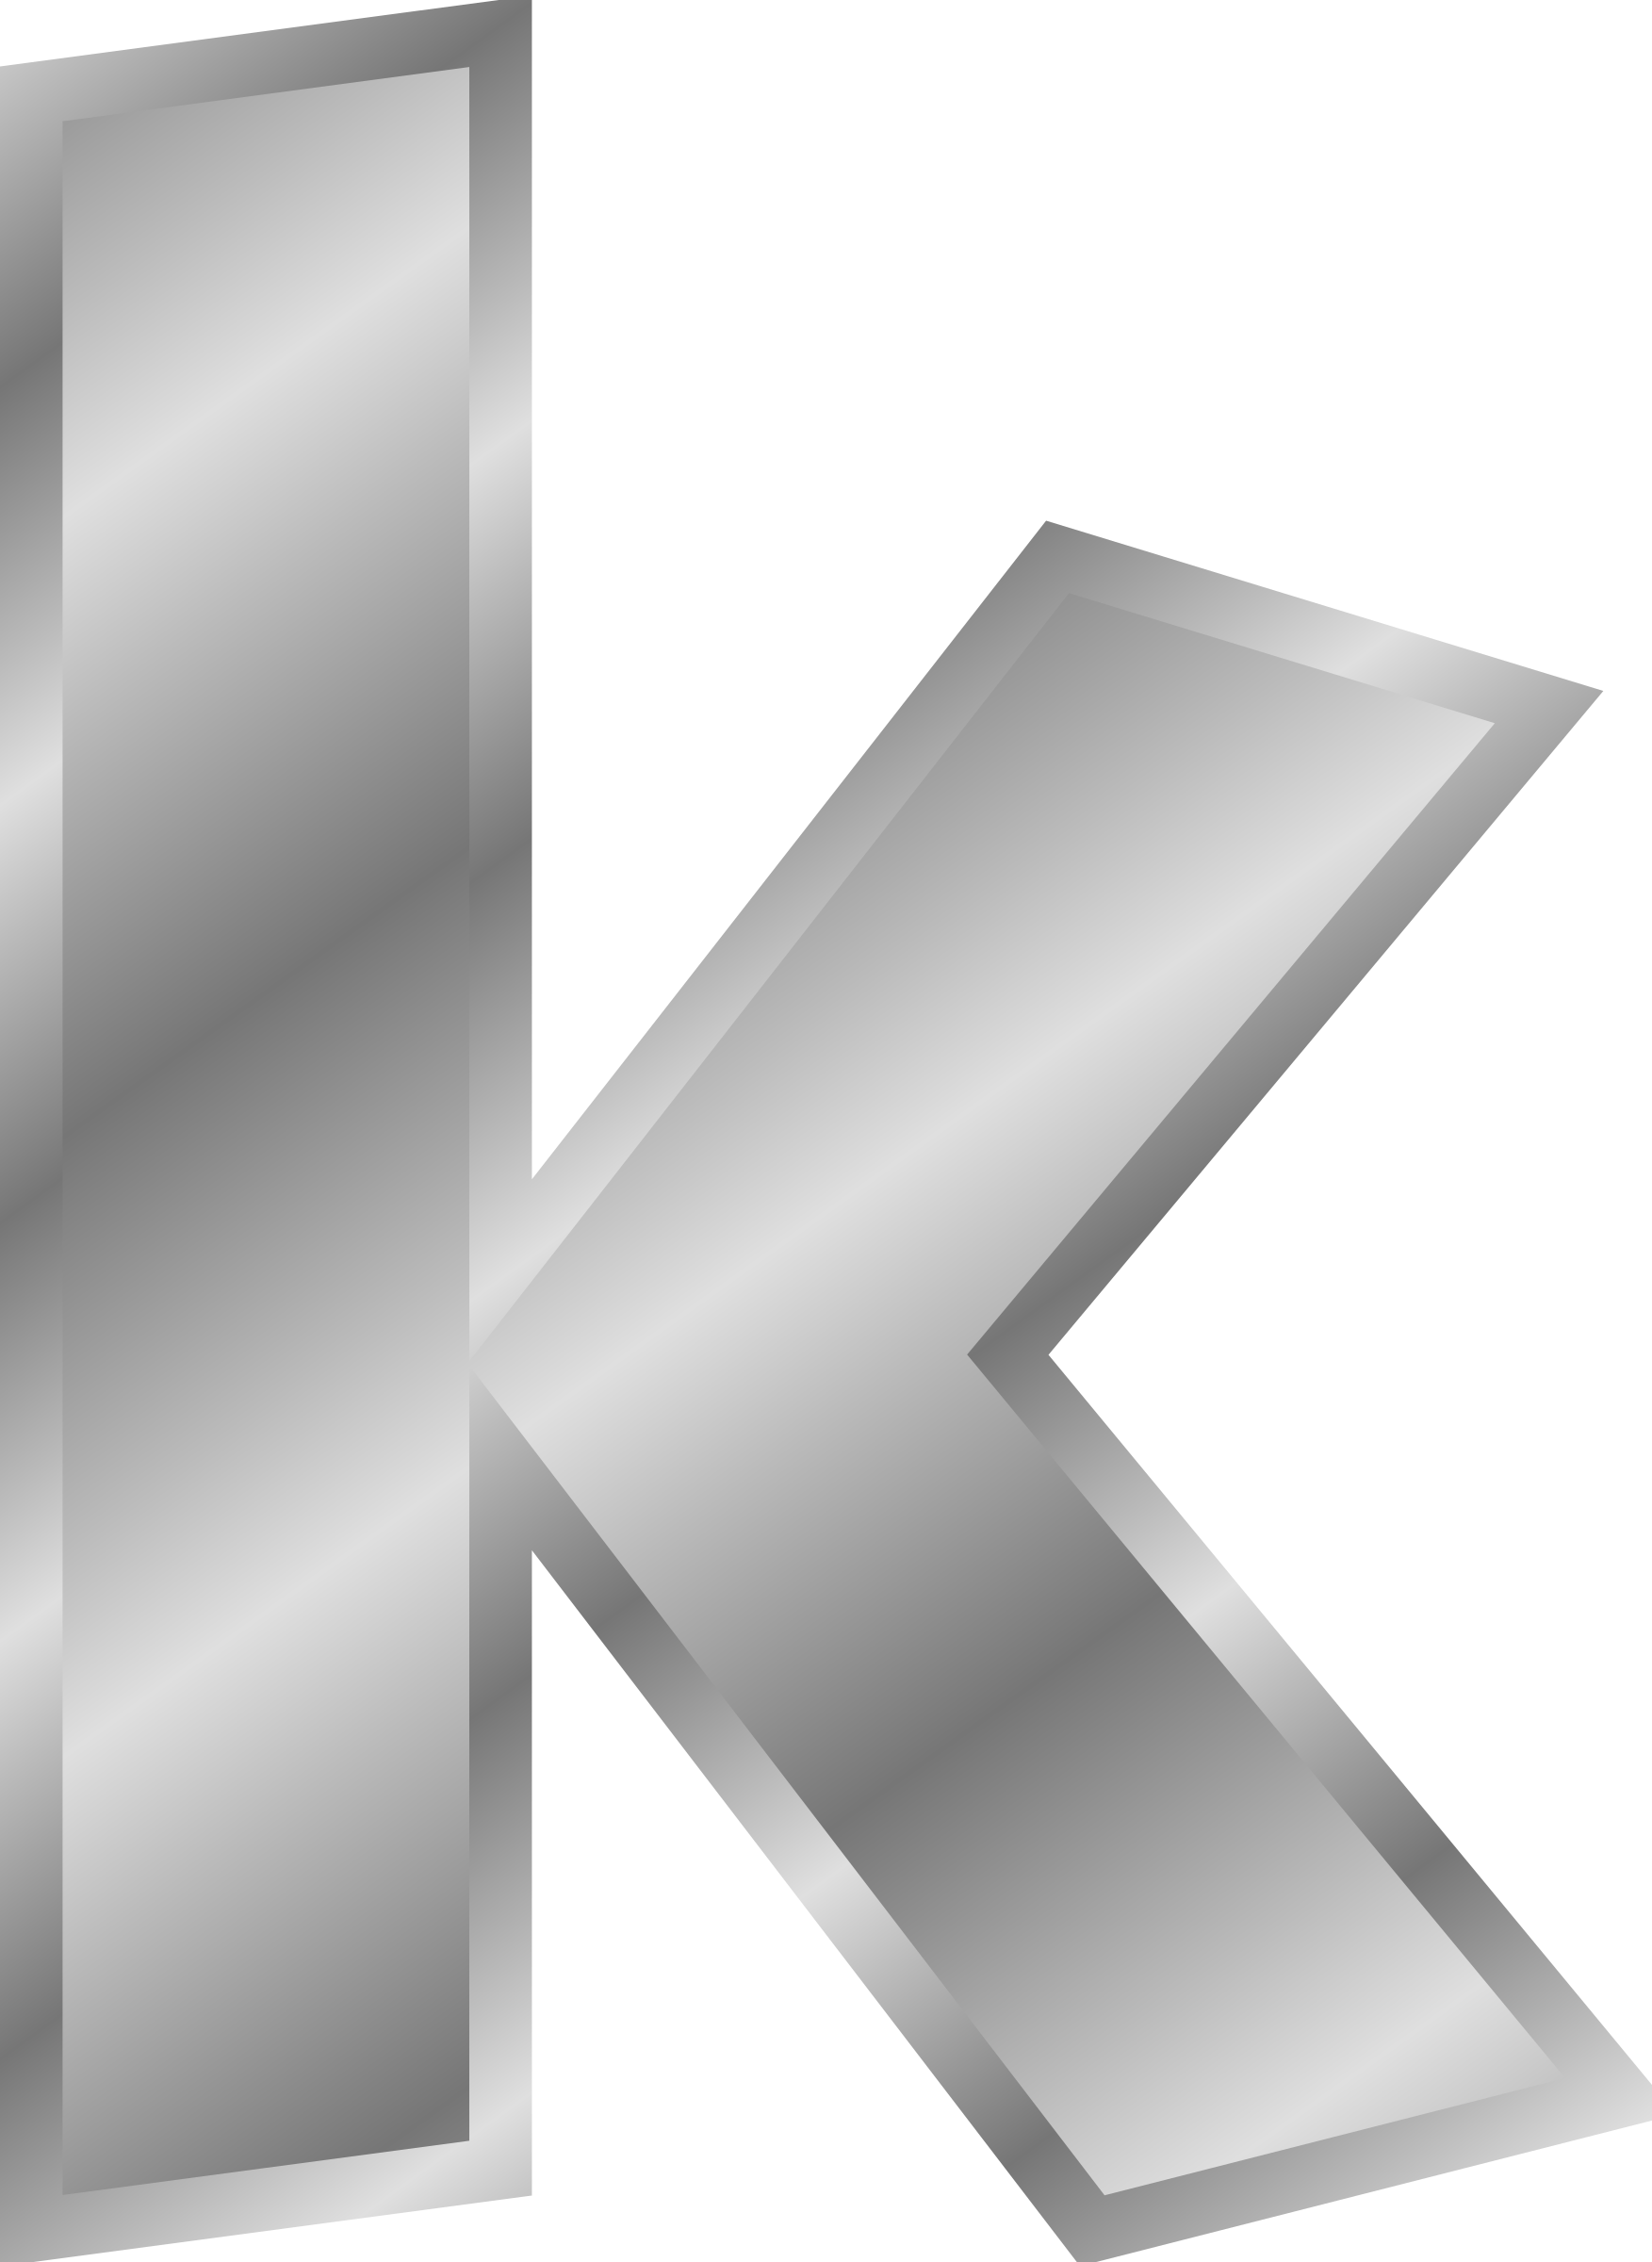 Effect Letter K PNG Image